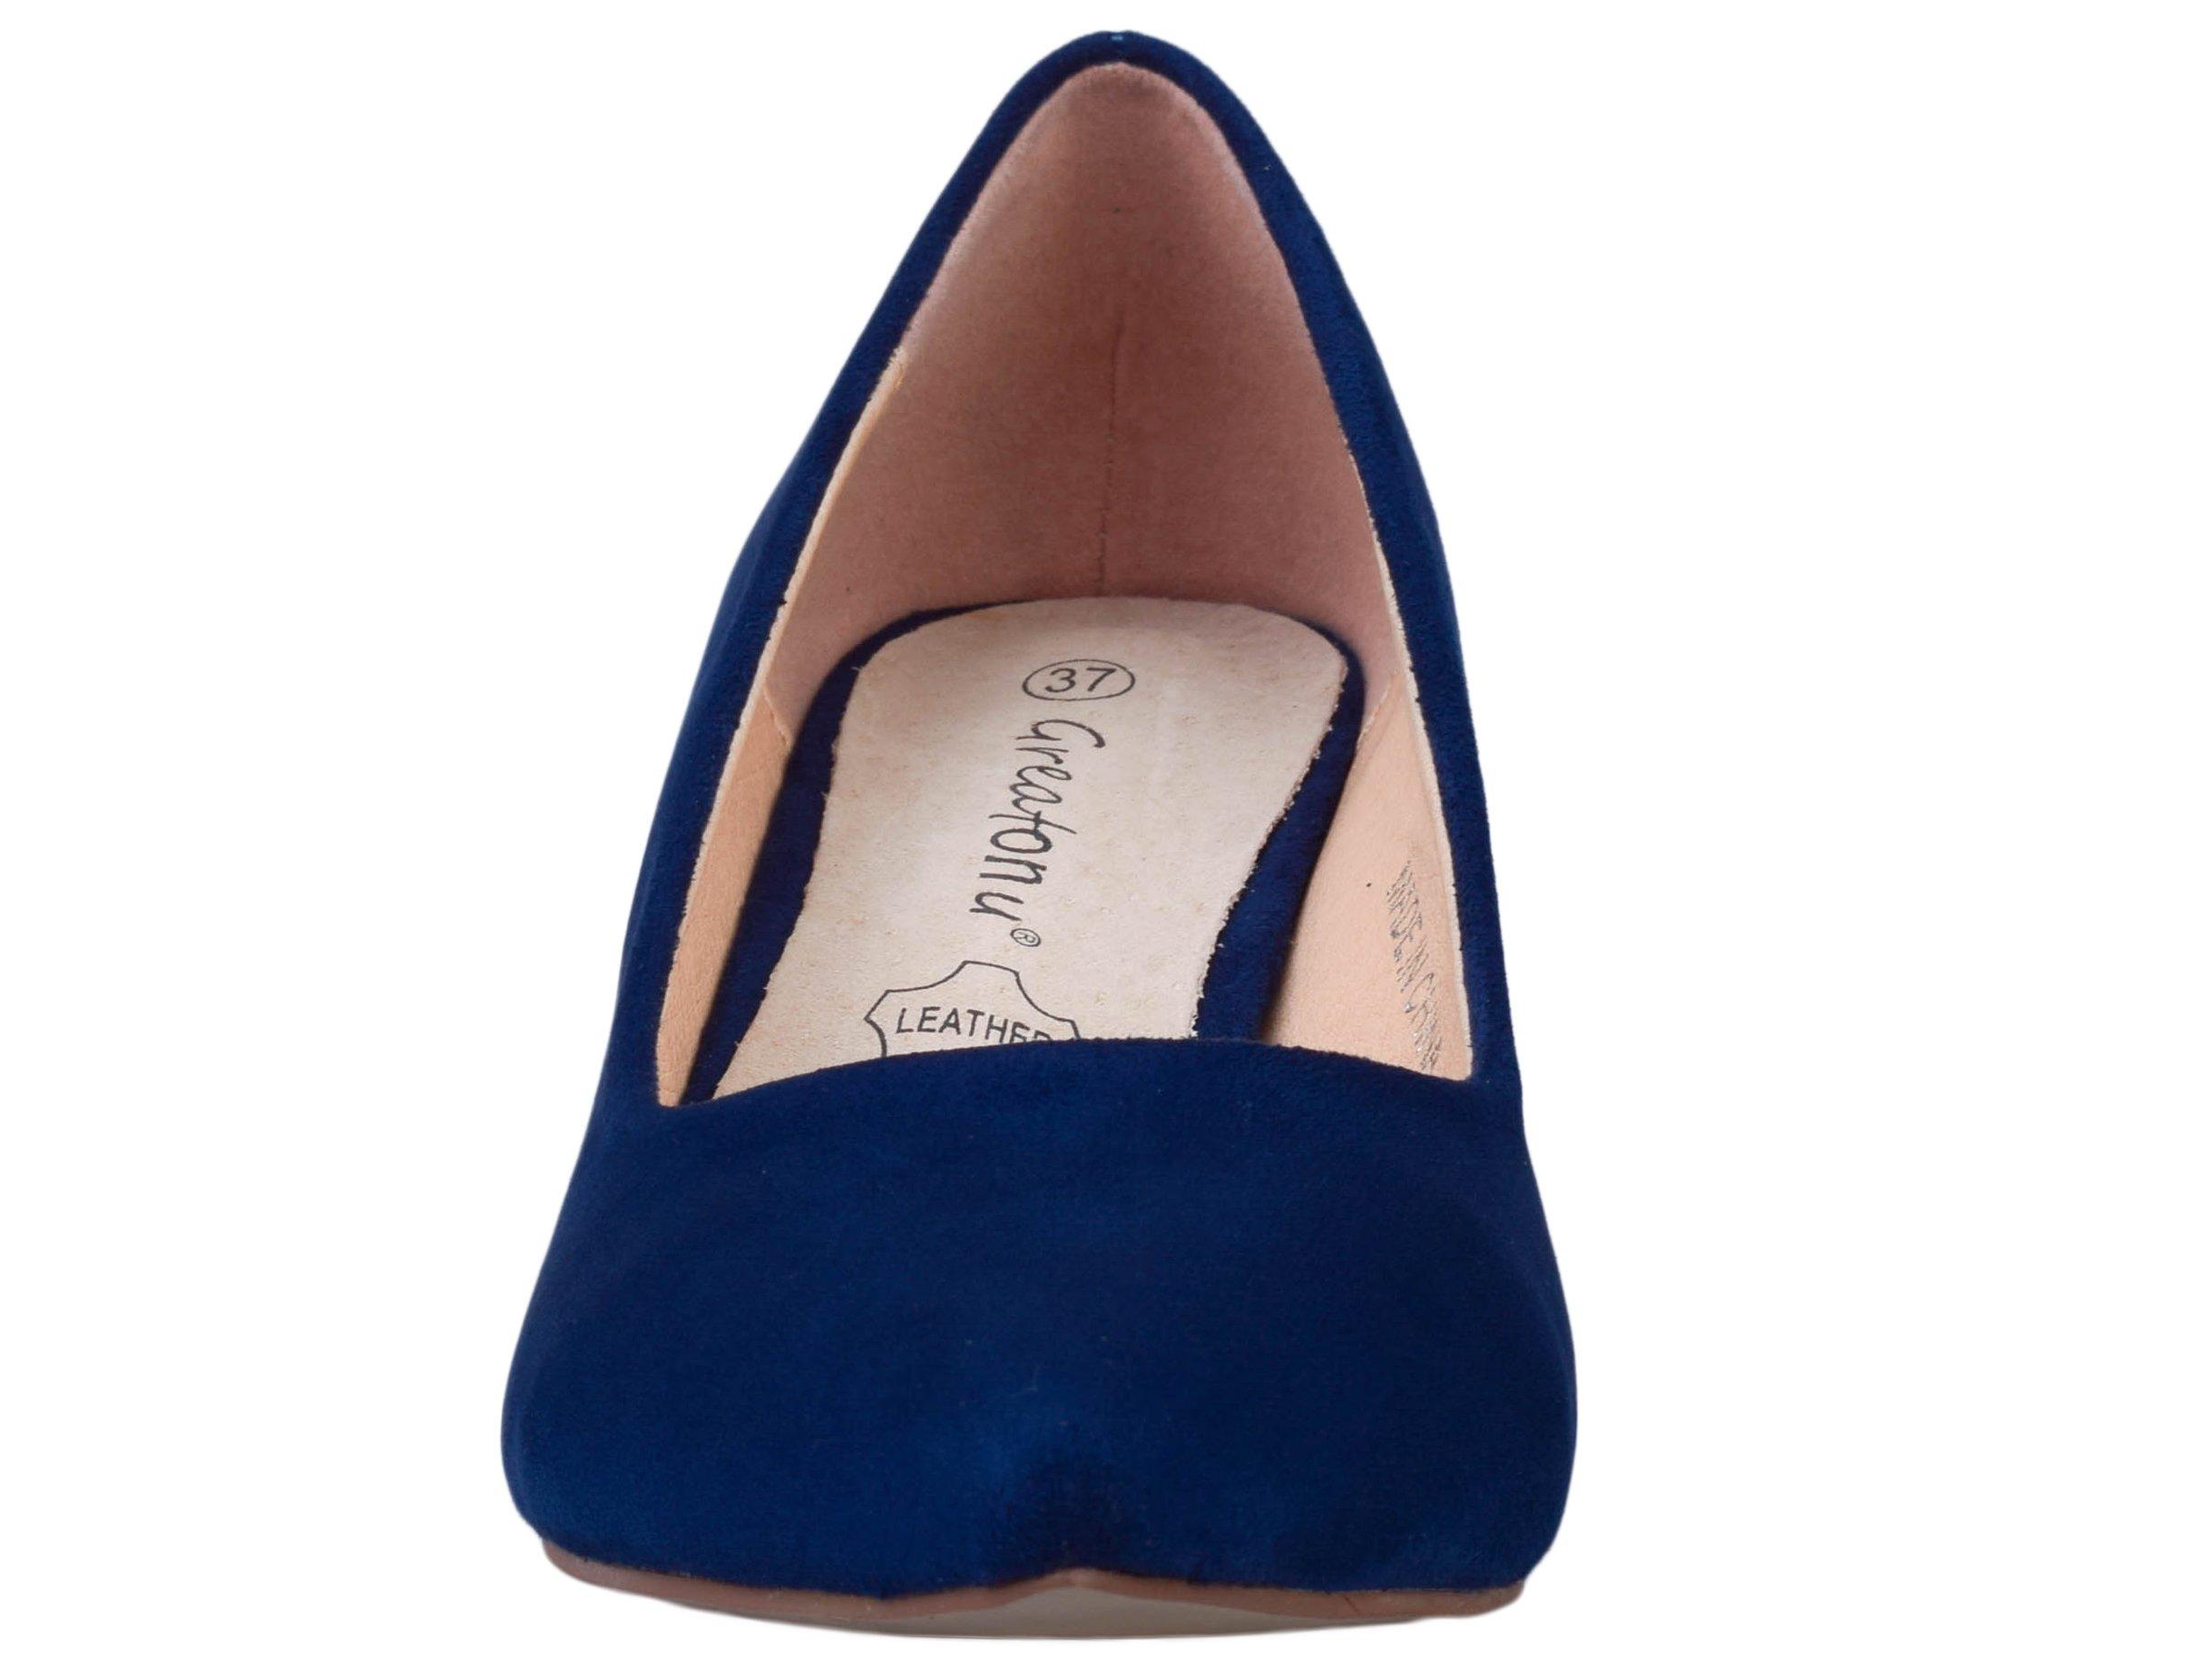 Greatonu Zapatos de Tacón de Aguja Puntiagudo Punta Cerrada Diseño Elegante Modo para Fiesta y Boda para Mujer